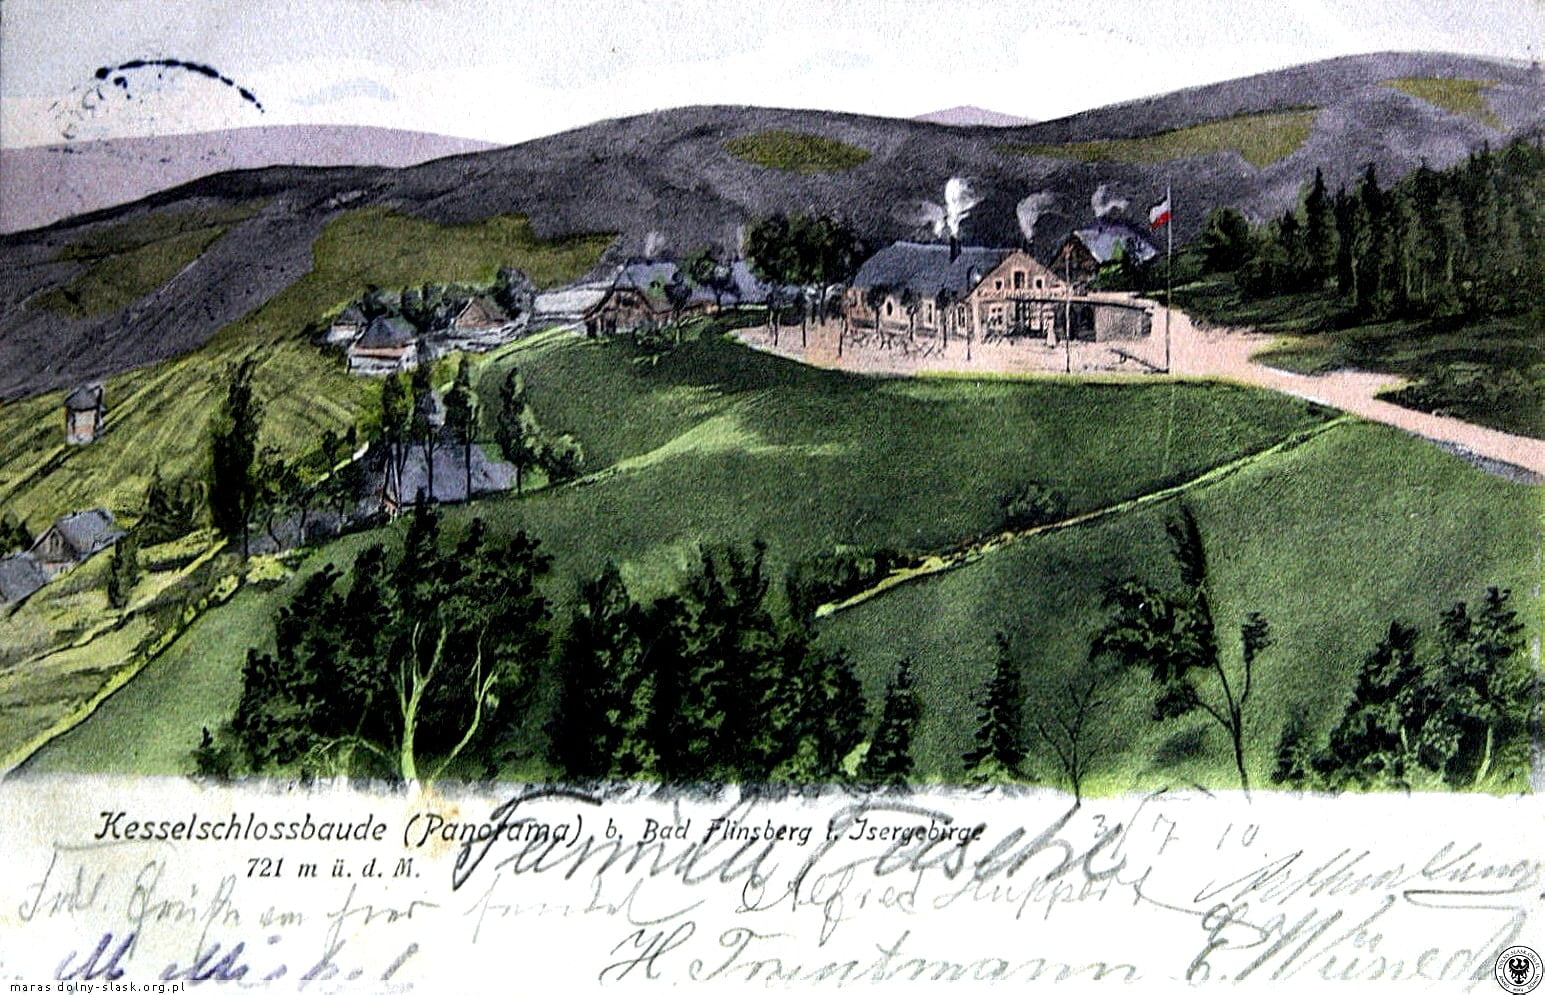 stara widokówka pokazująca ośrodek wypoczynkowy w Górach Izerskich, na widokówce niemieckie, odręczne napisy